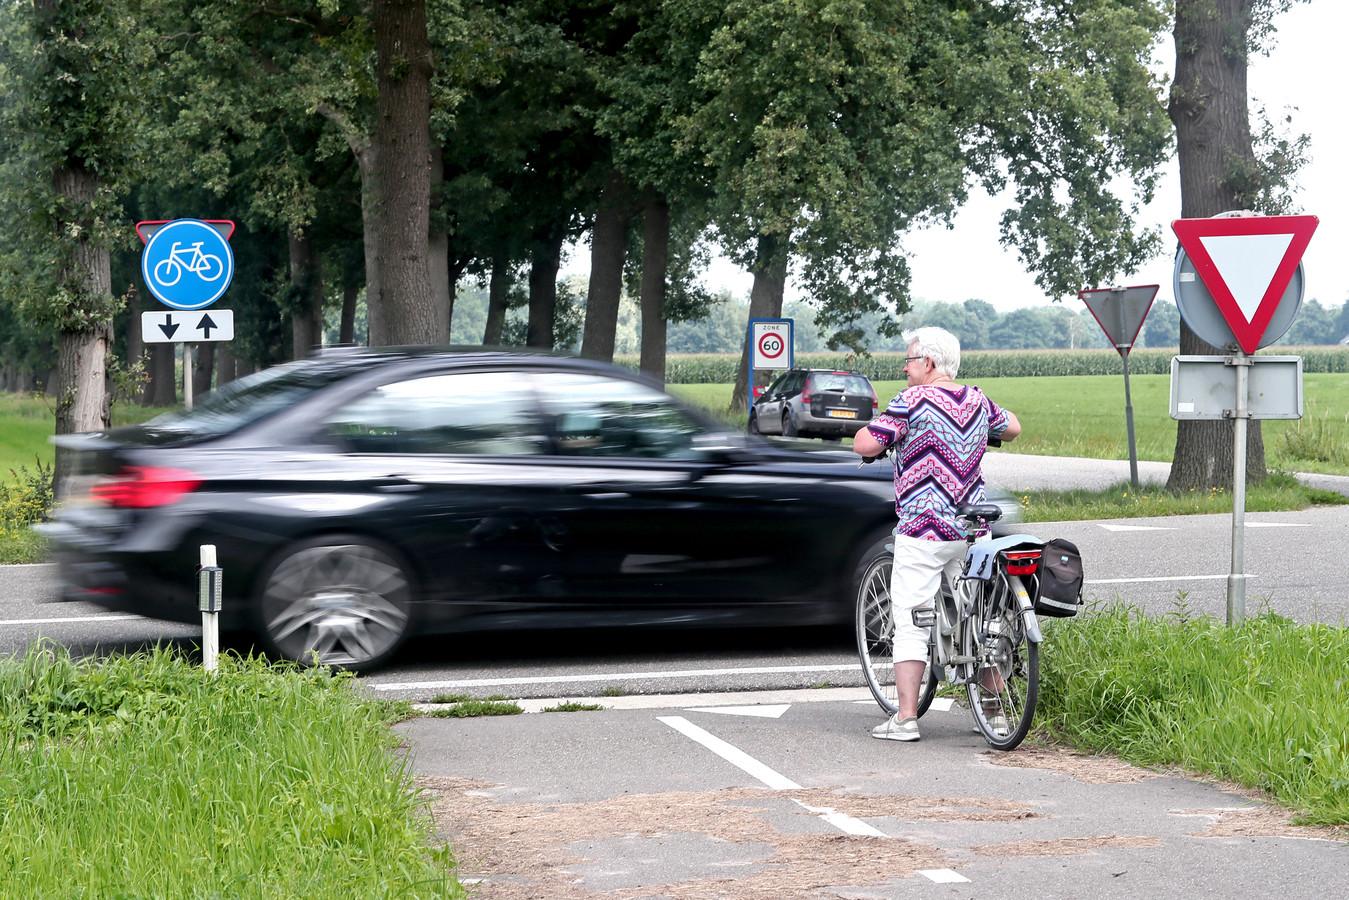 De kruising Nettelhorsterweg en de Broekstraat moet veiliger worden na een dodelijk ongeval met fietser.